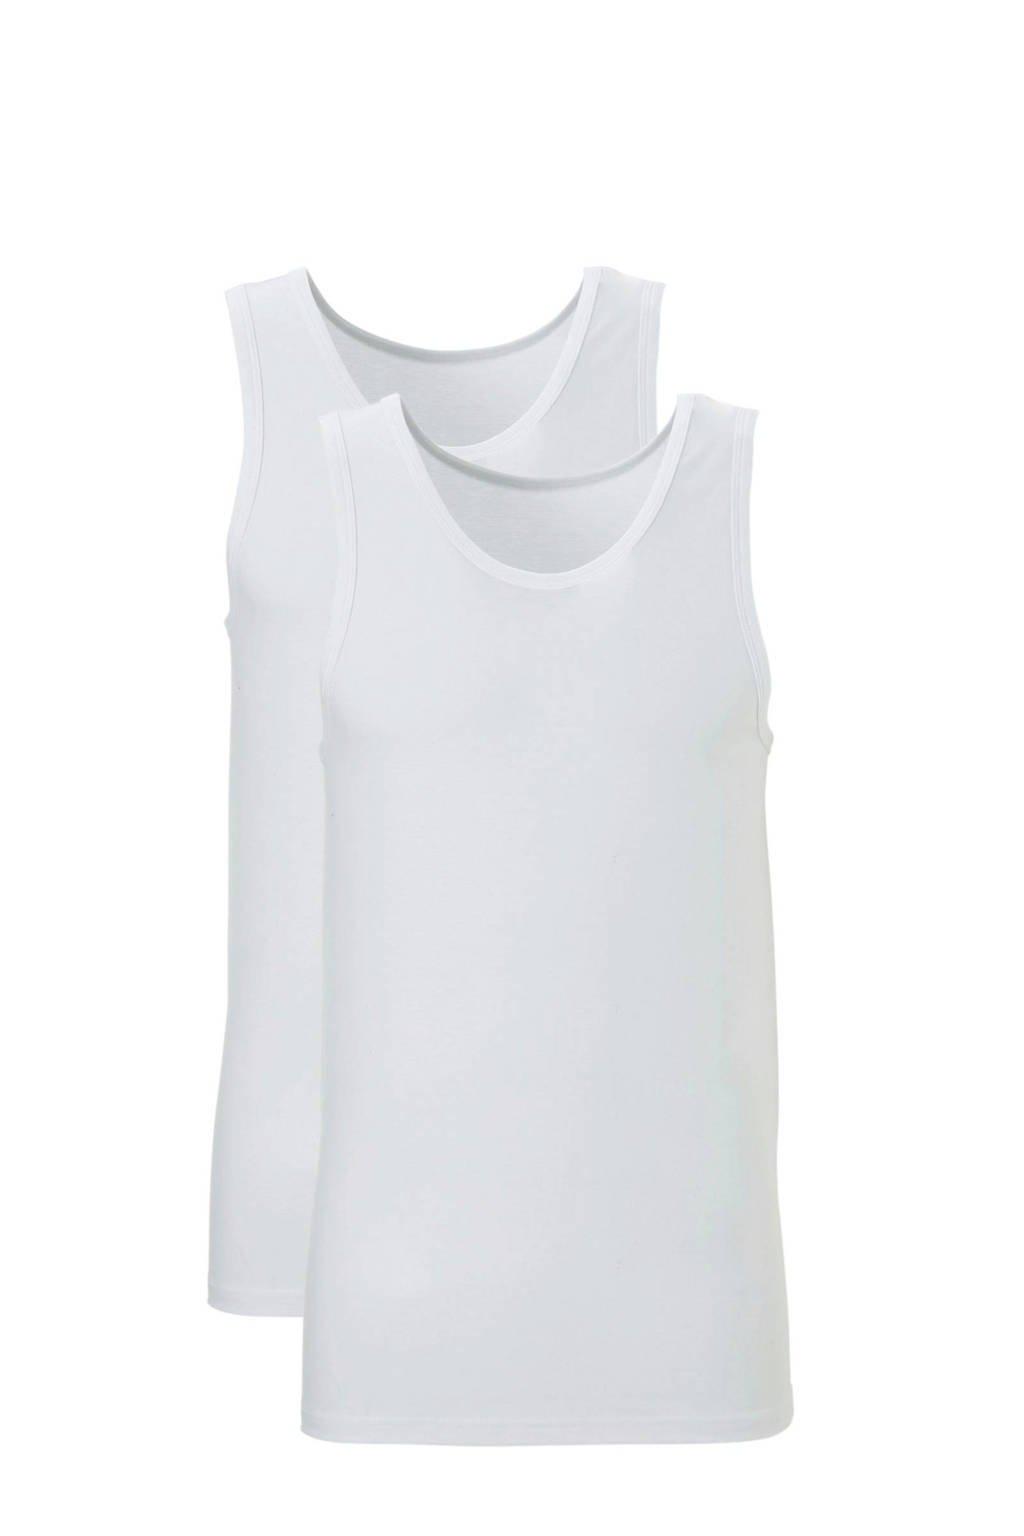 ten Cate hemd (set van 2) wit, Wit